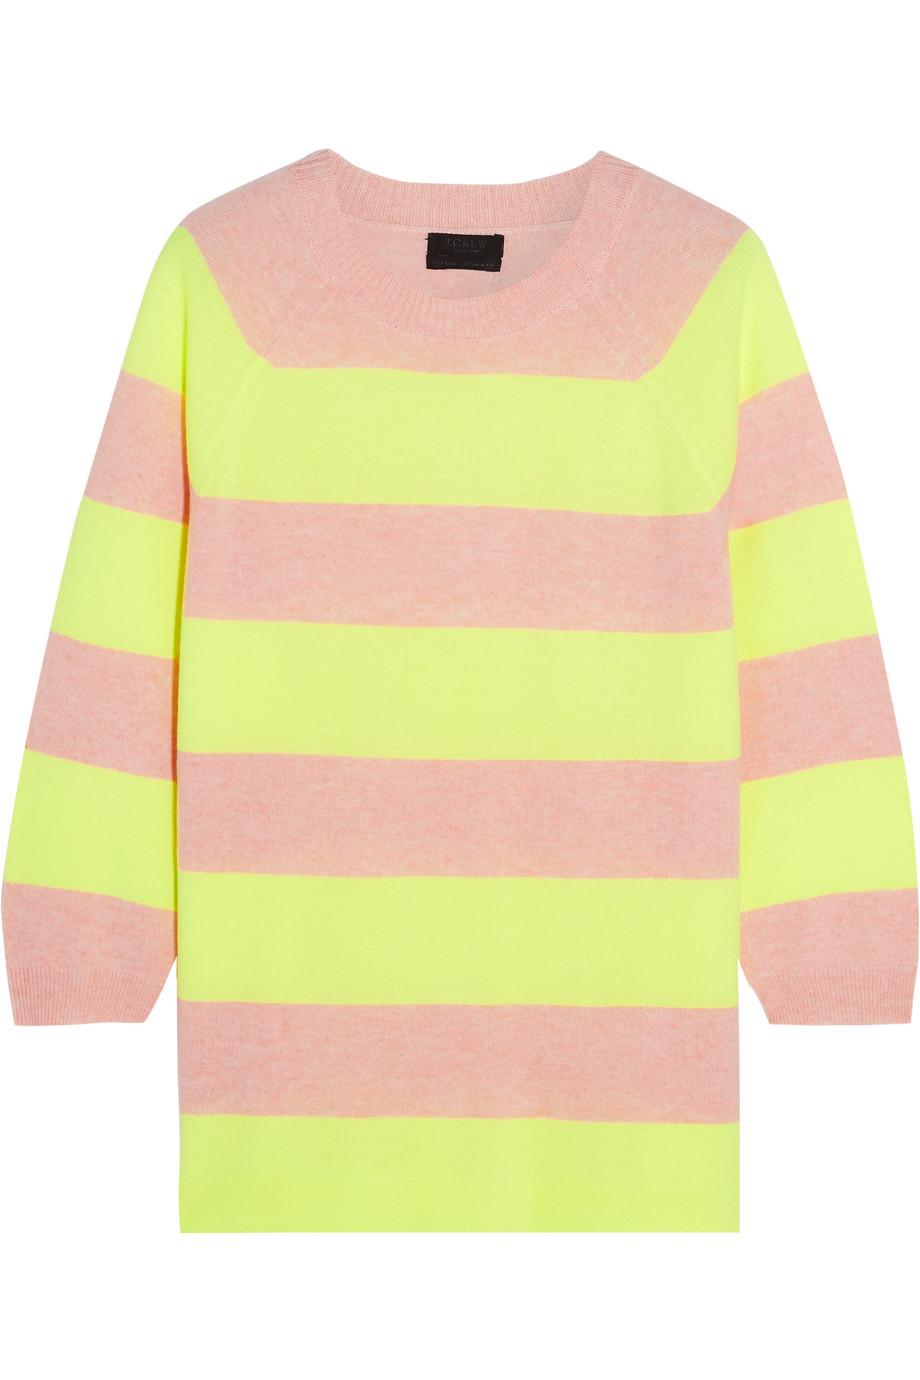 J.Crew Neon Striped Cashmere Sweater, Size: L